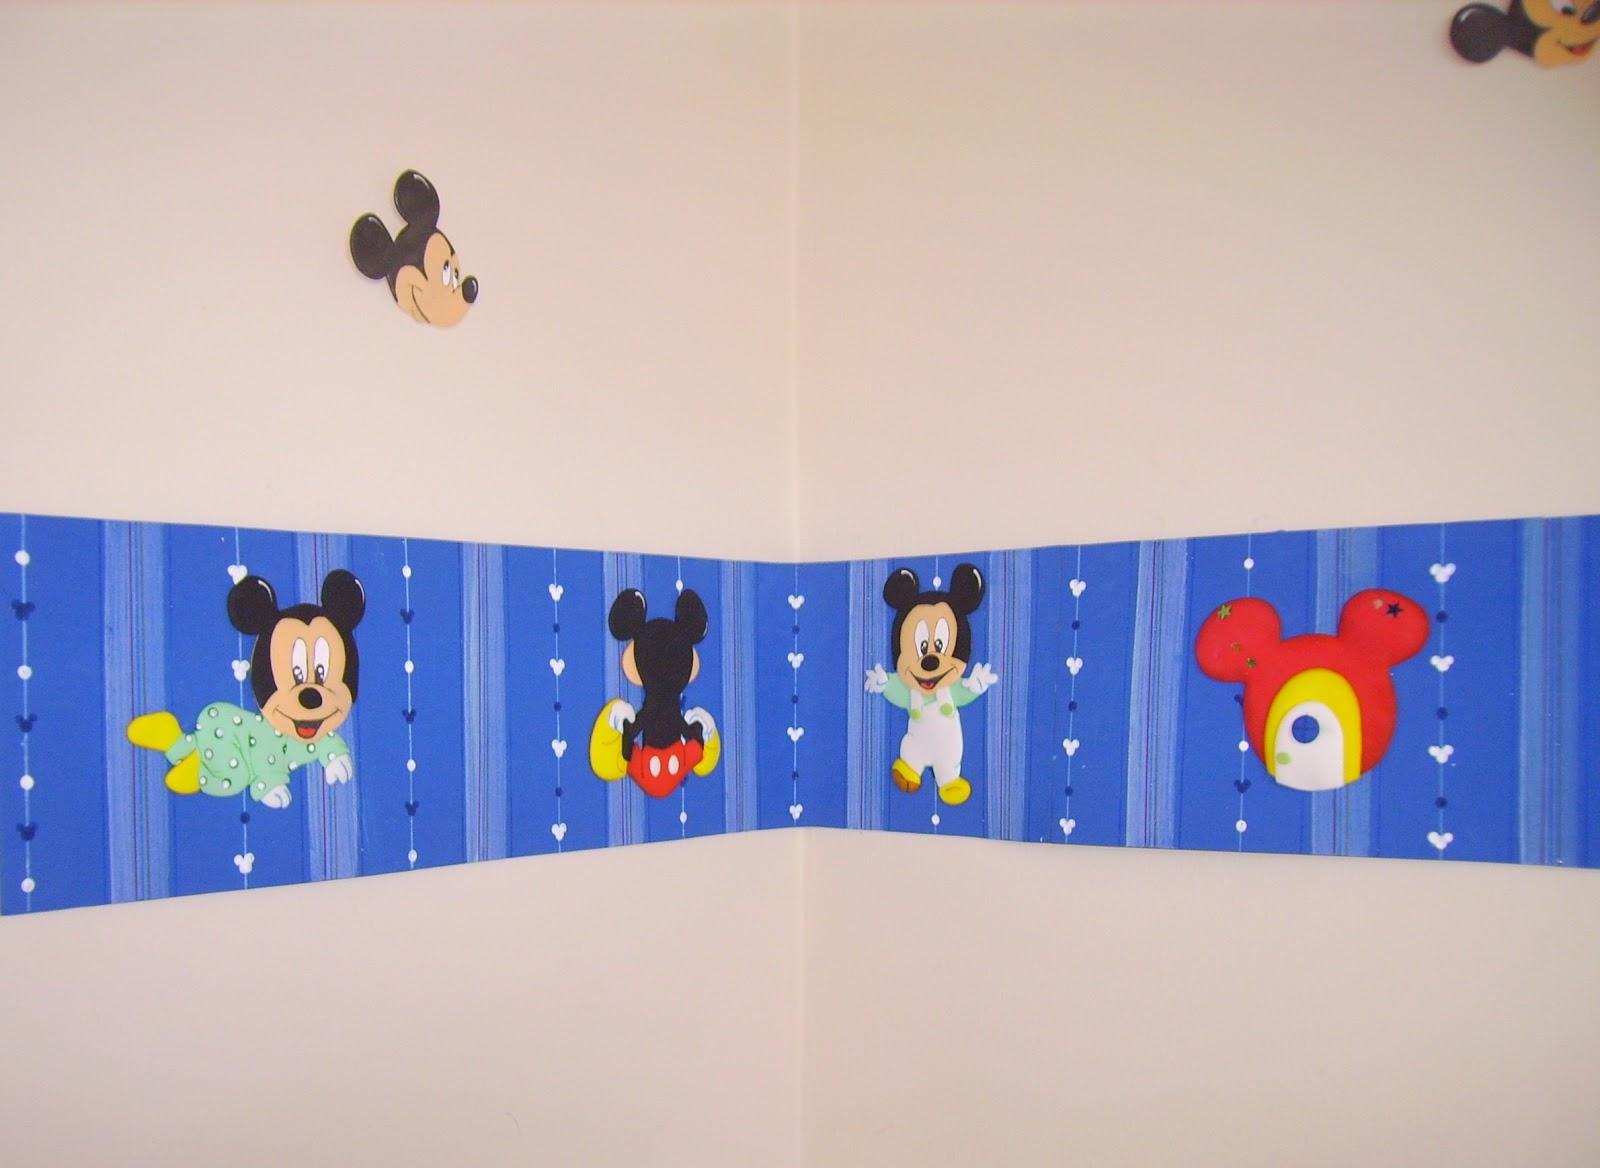 Mardedi para el cuarto del bebe - Manualidades decoracion bebe ...